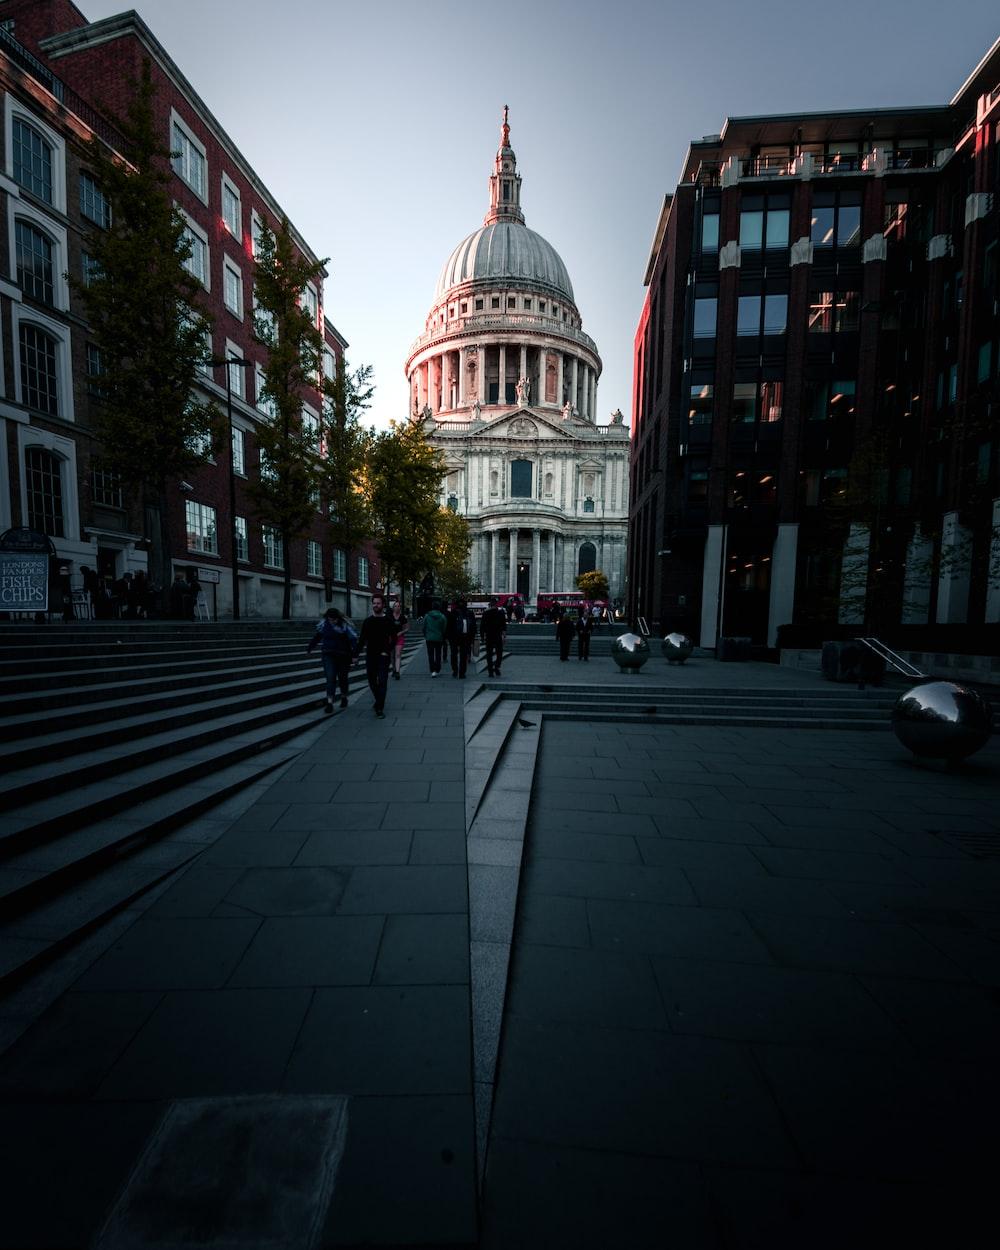 people walking towards white building during daytime